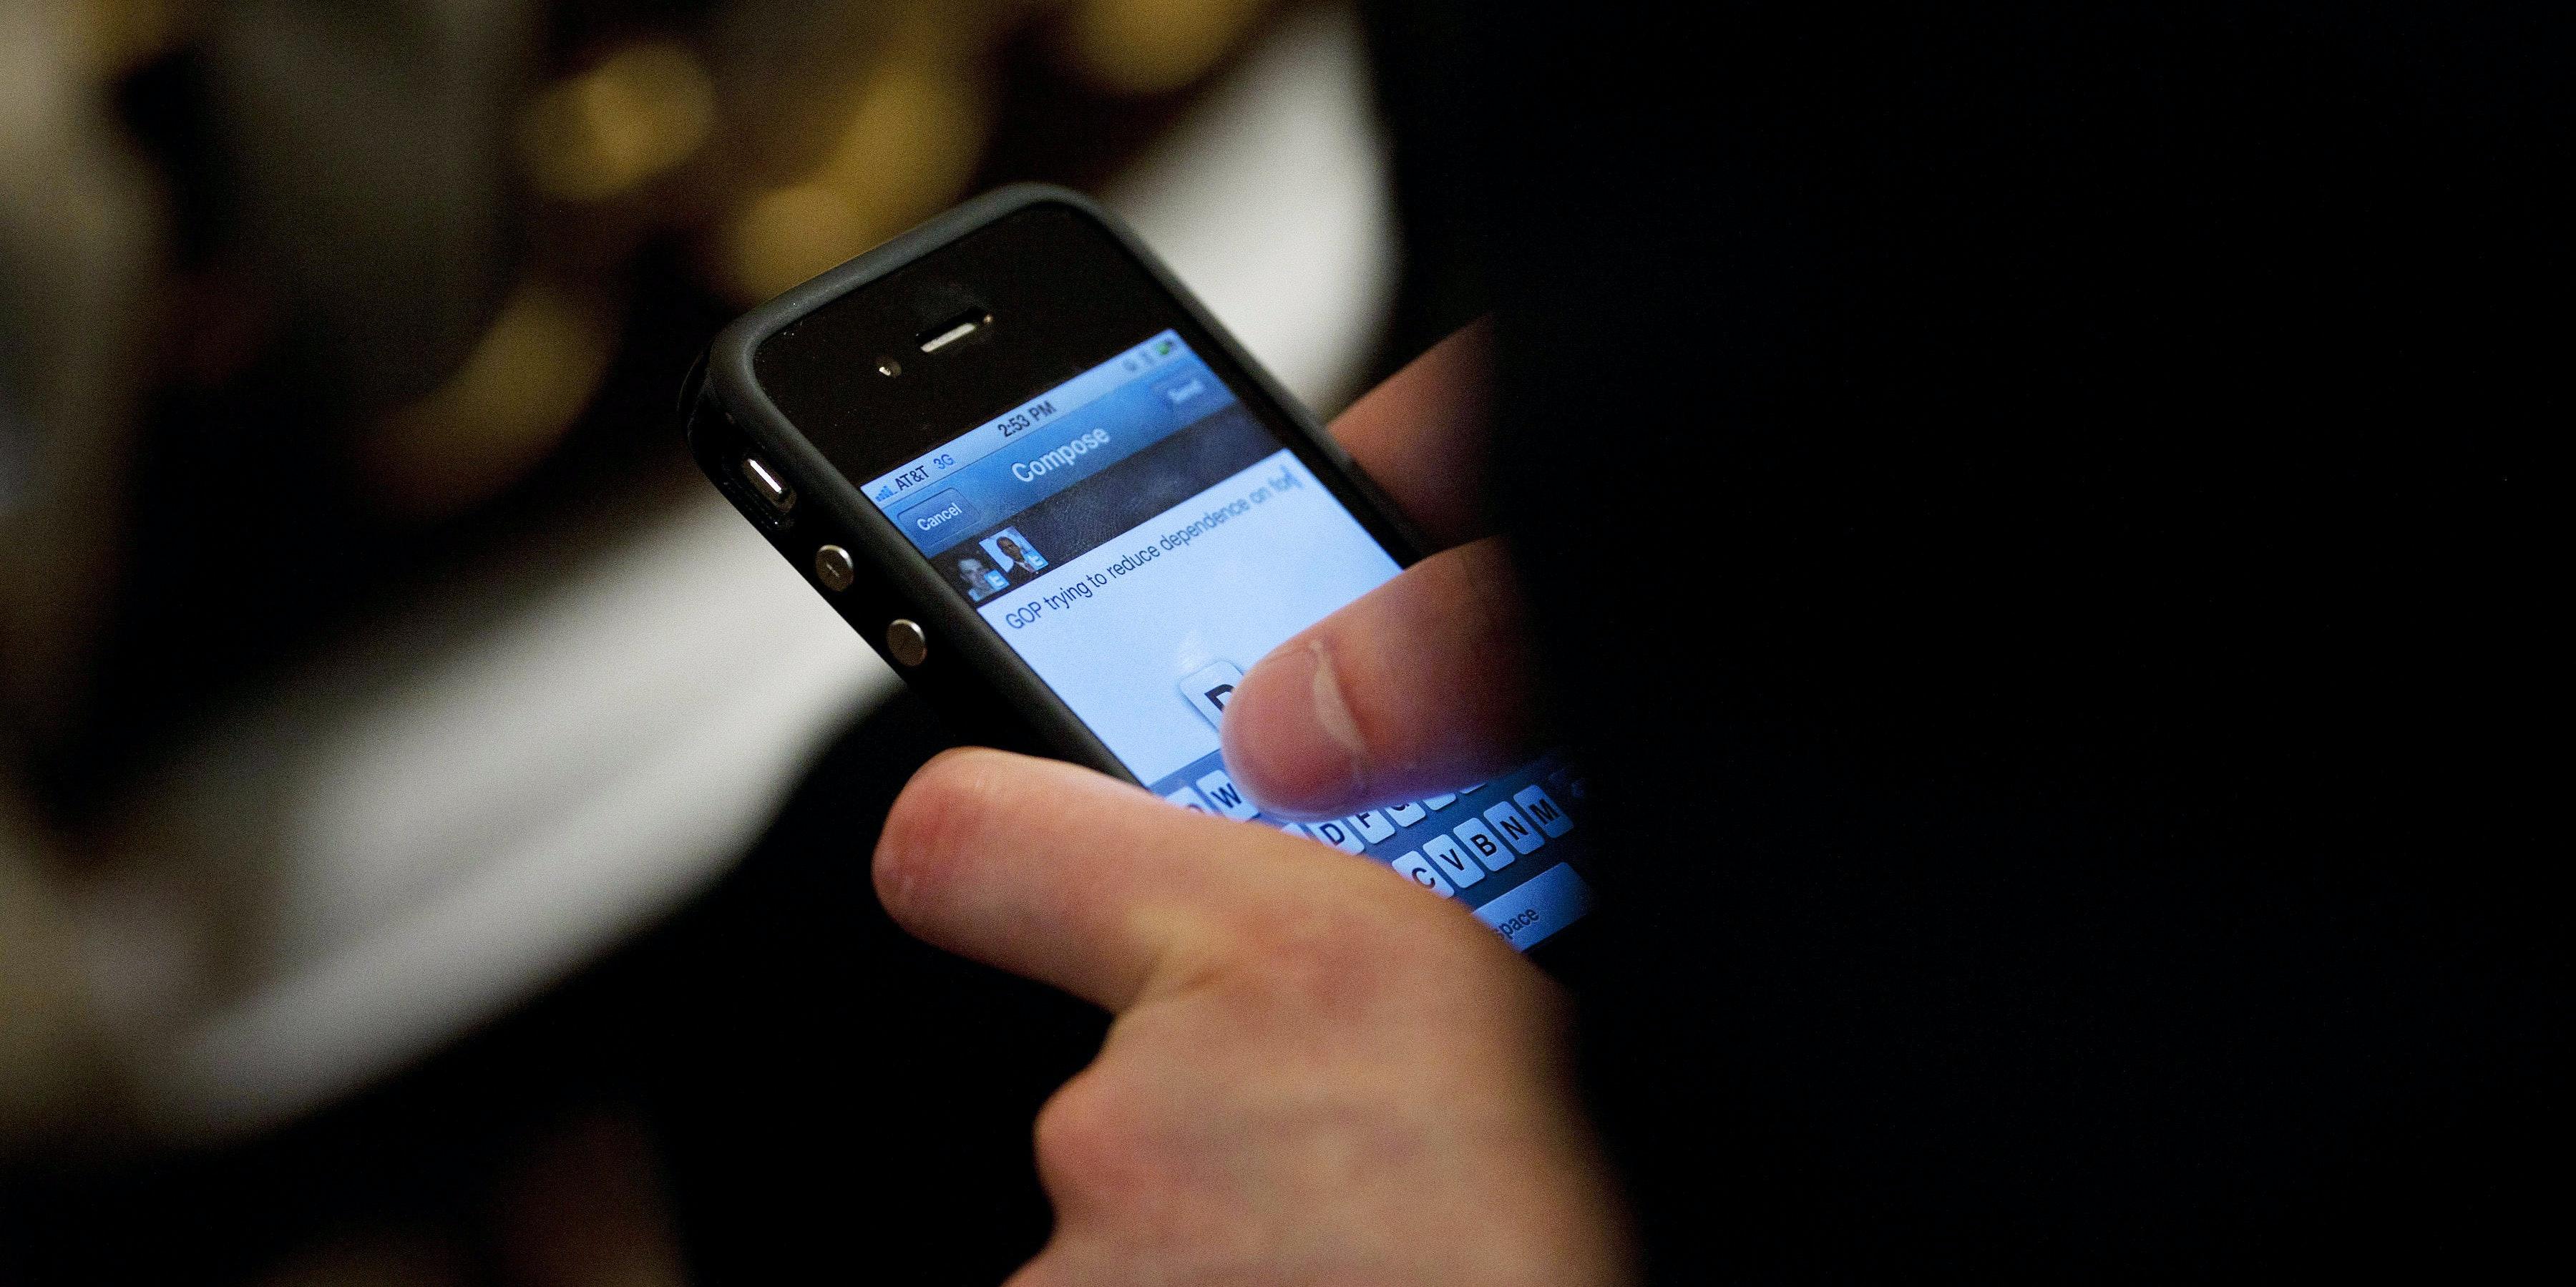 FBI hires Cellebrite to hack terrorist iPhone.